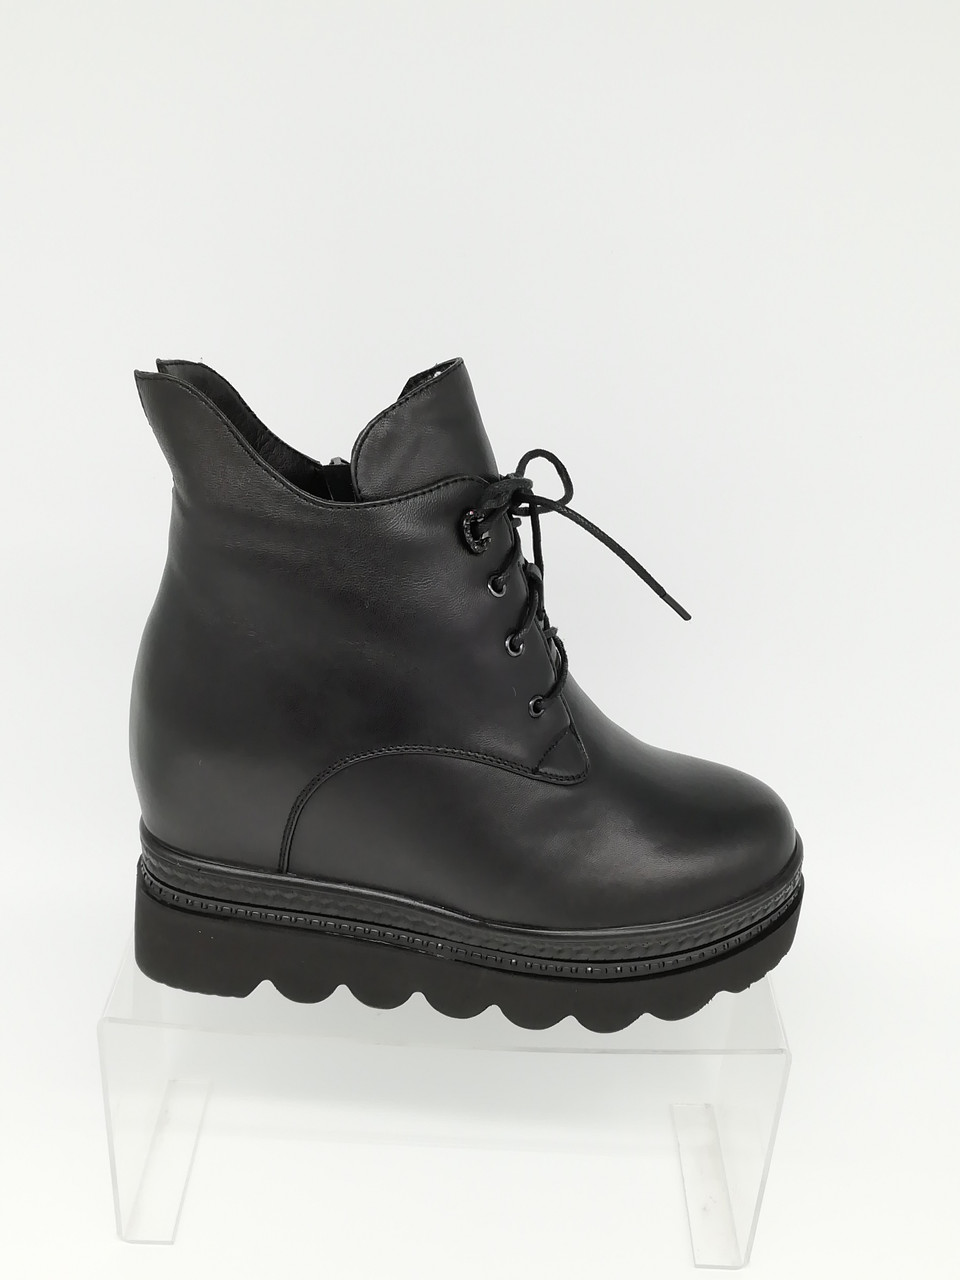 Зимние ботиночки на толстой подошве. Erisses. Маленькие (33 - 35) размеры.